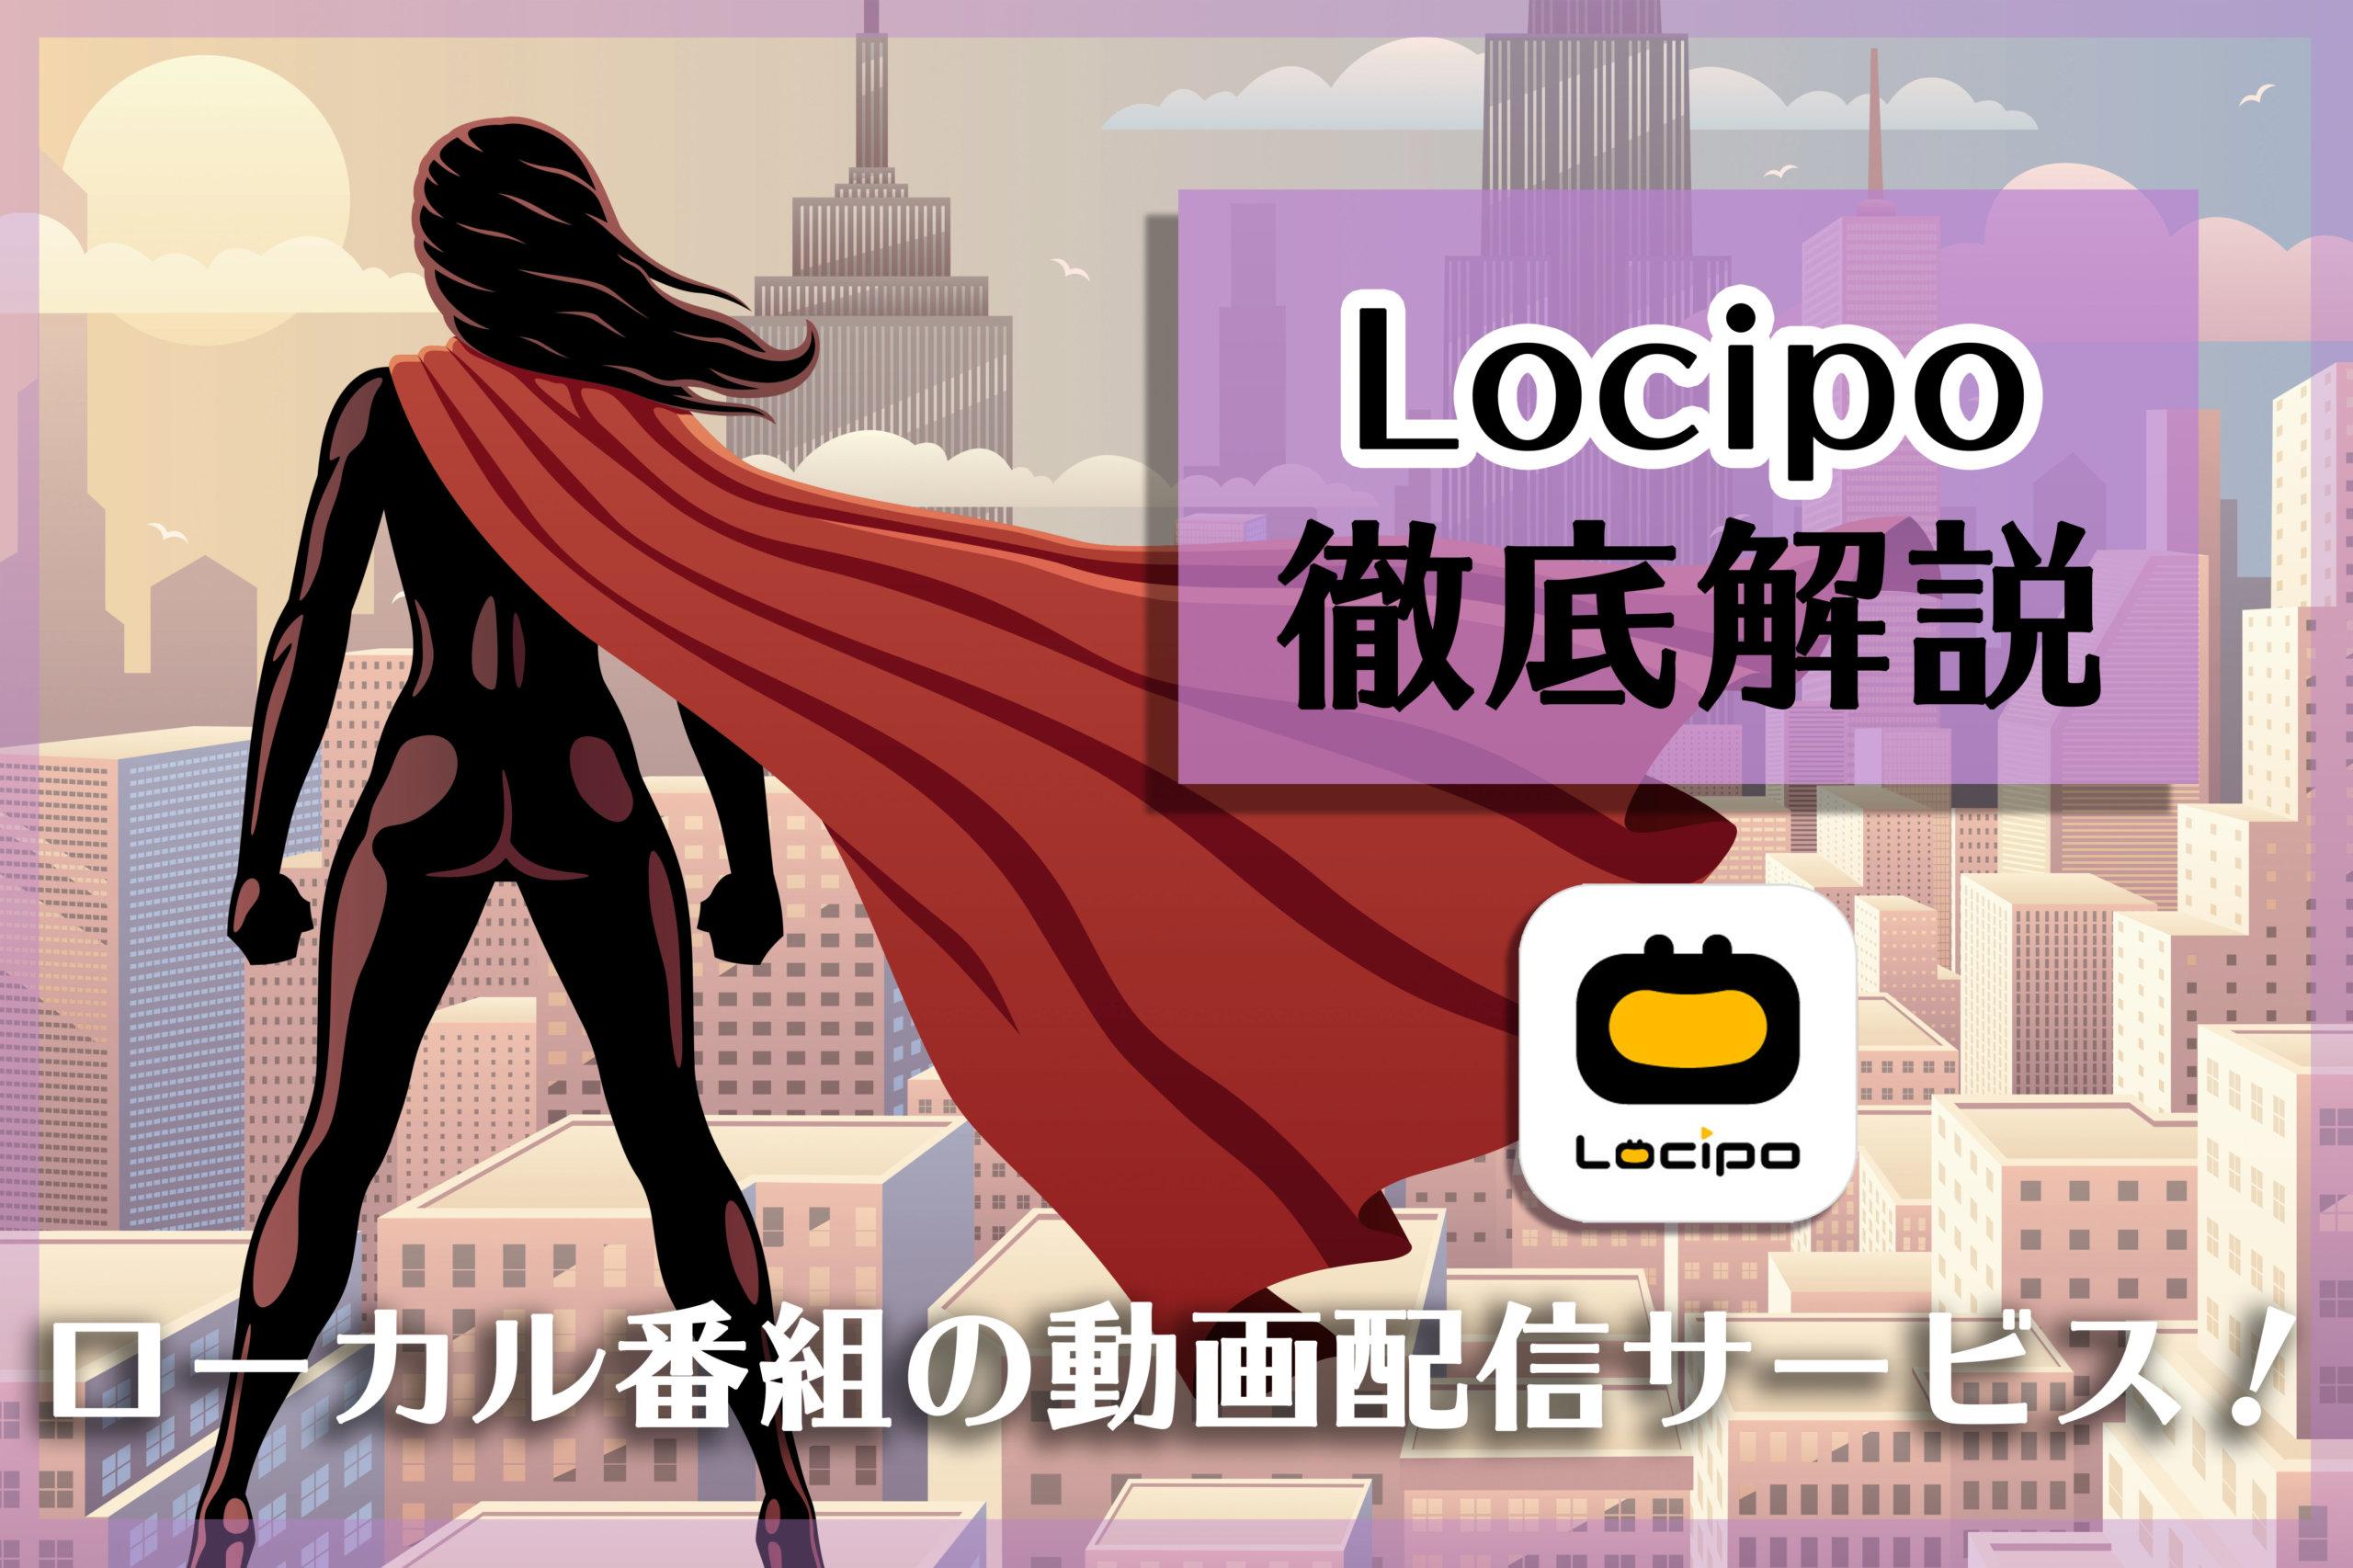 Locipo